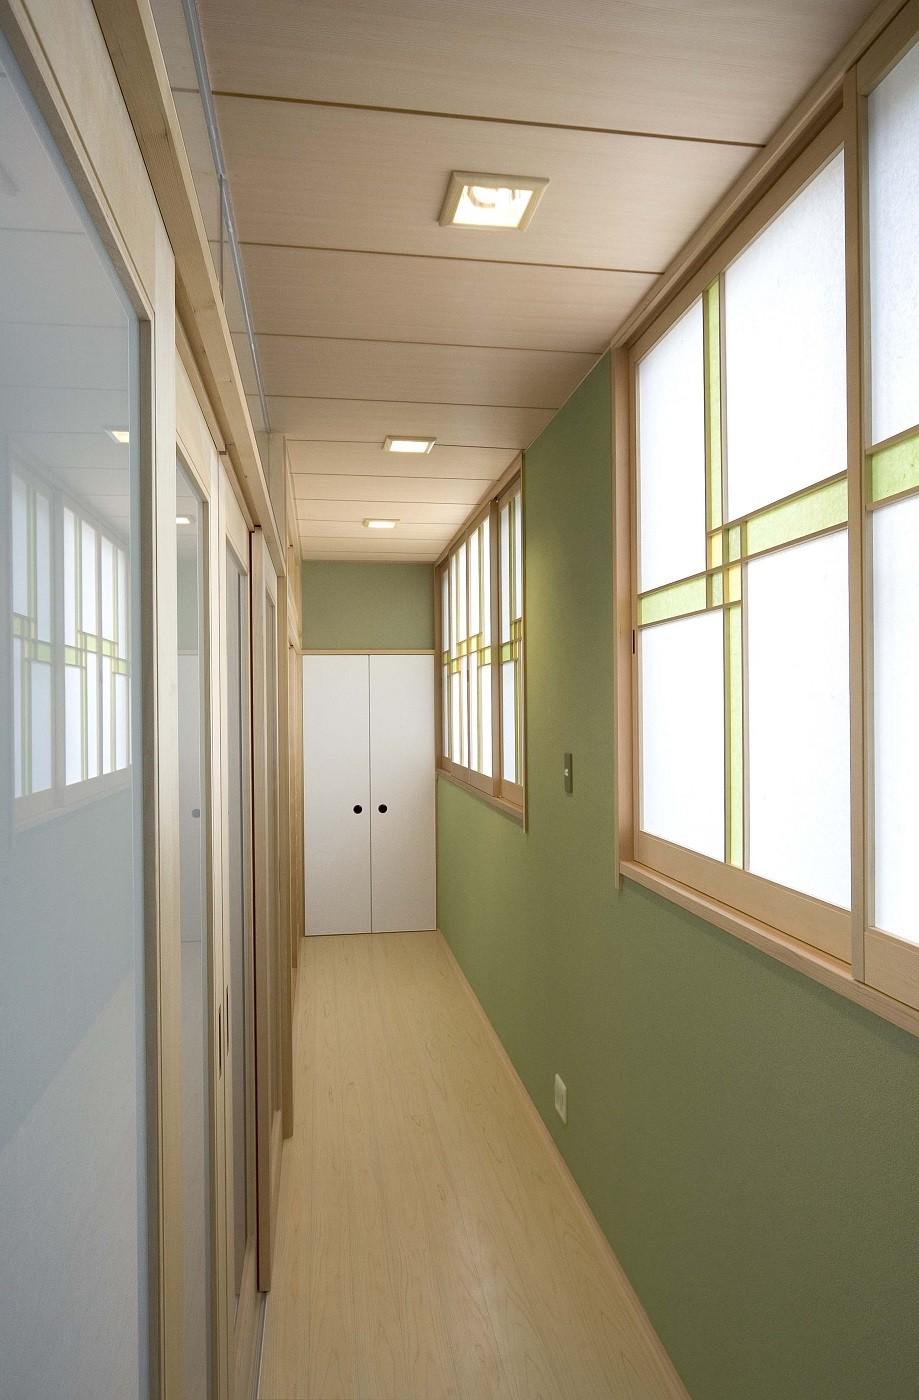 床暖房があるバリアフリー対策の平屋建て住宅|超高気密高断熱の住まい (廊下)